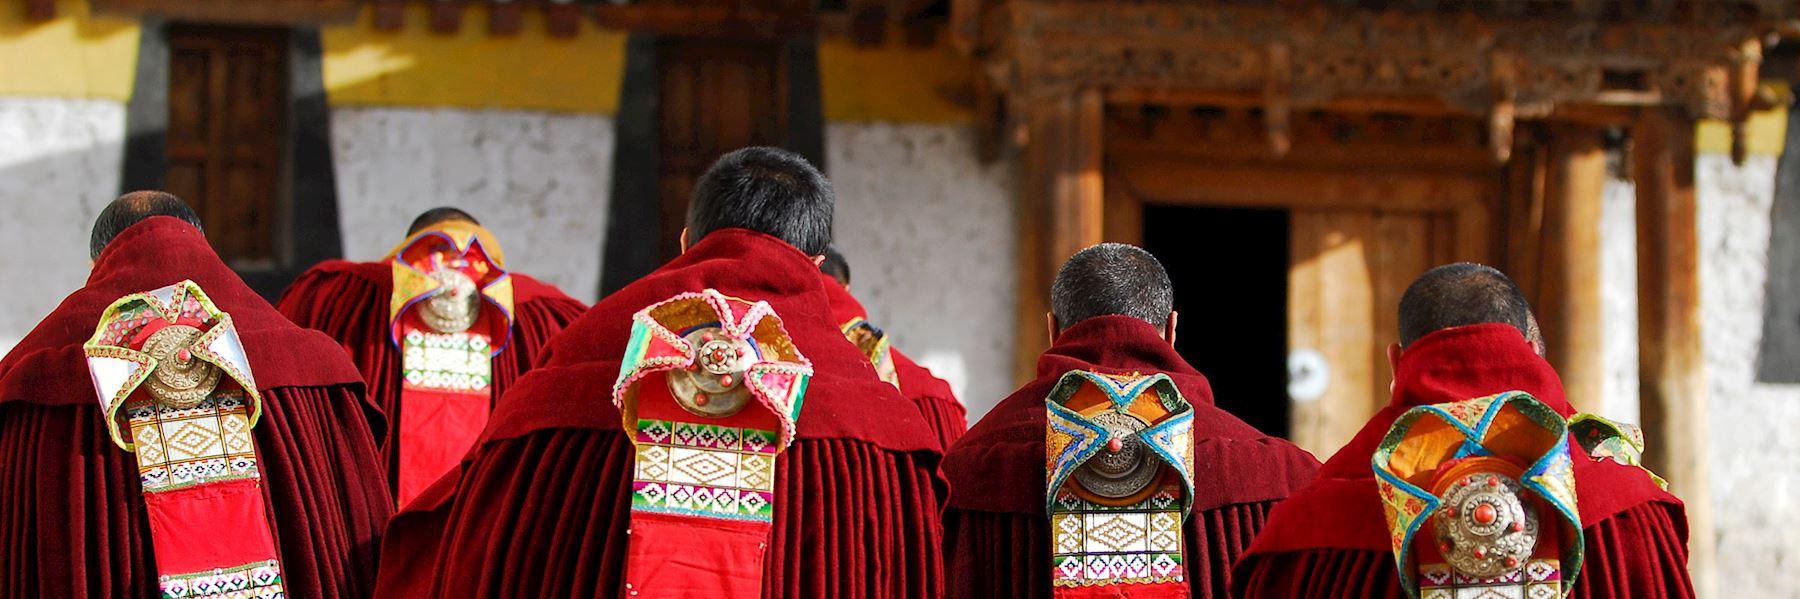 Tibet vacations